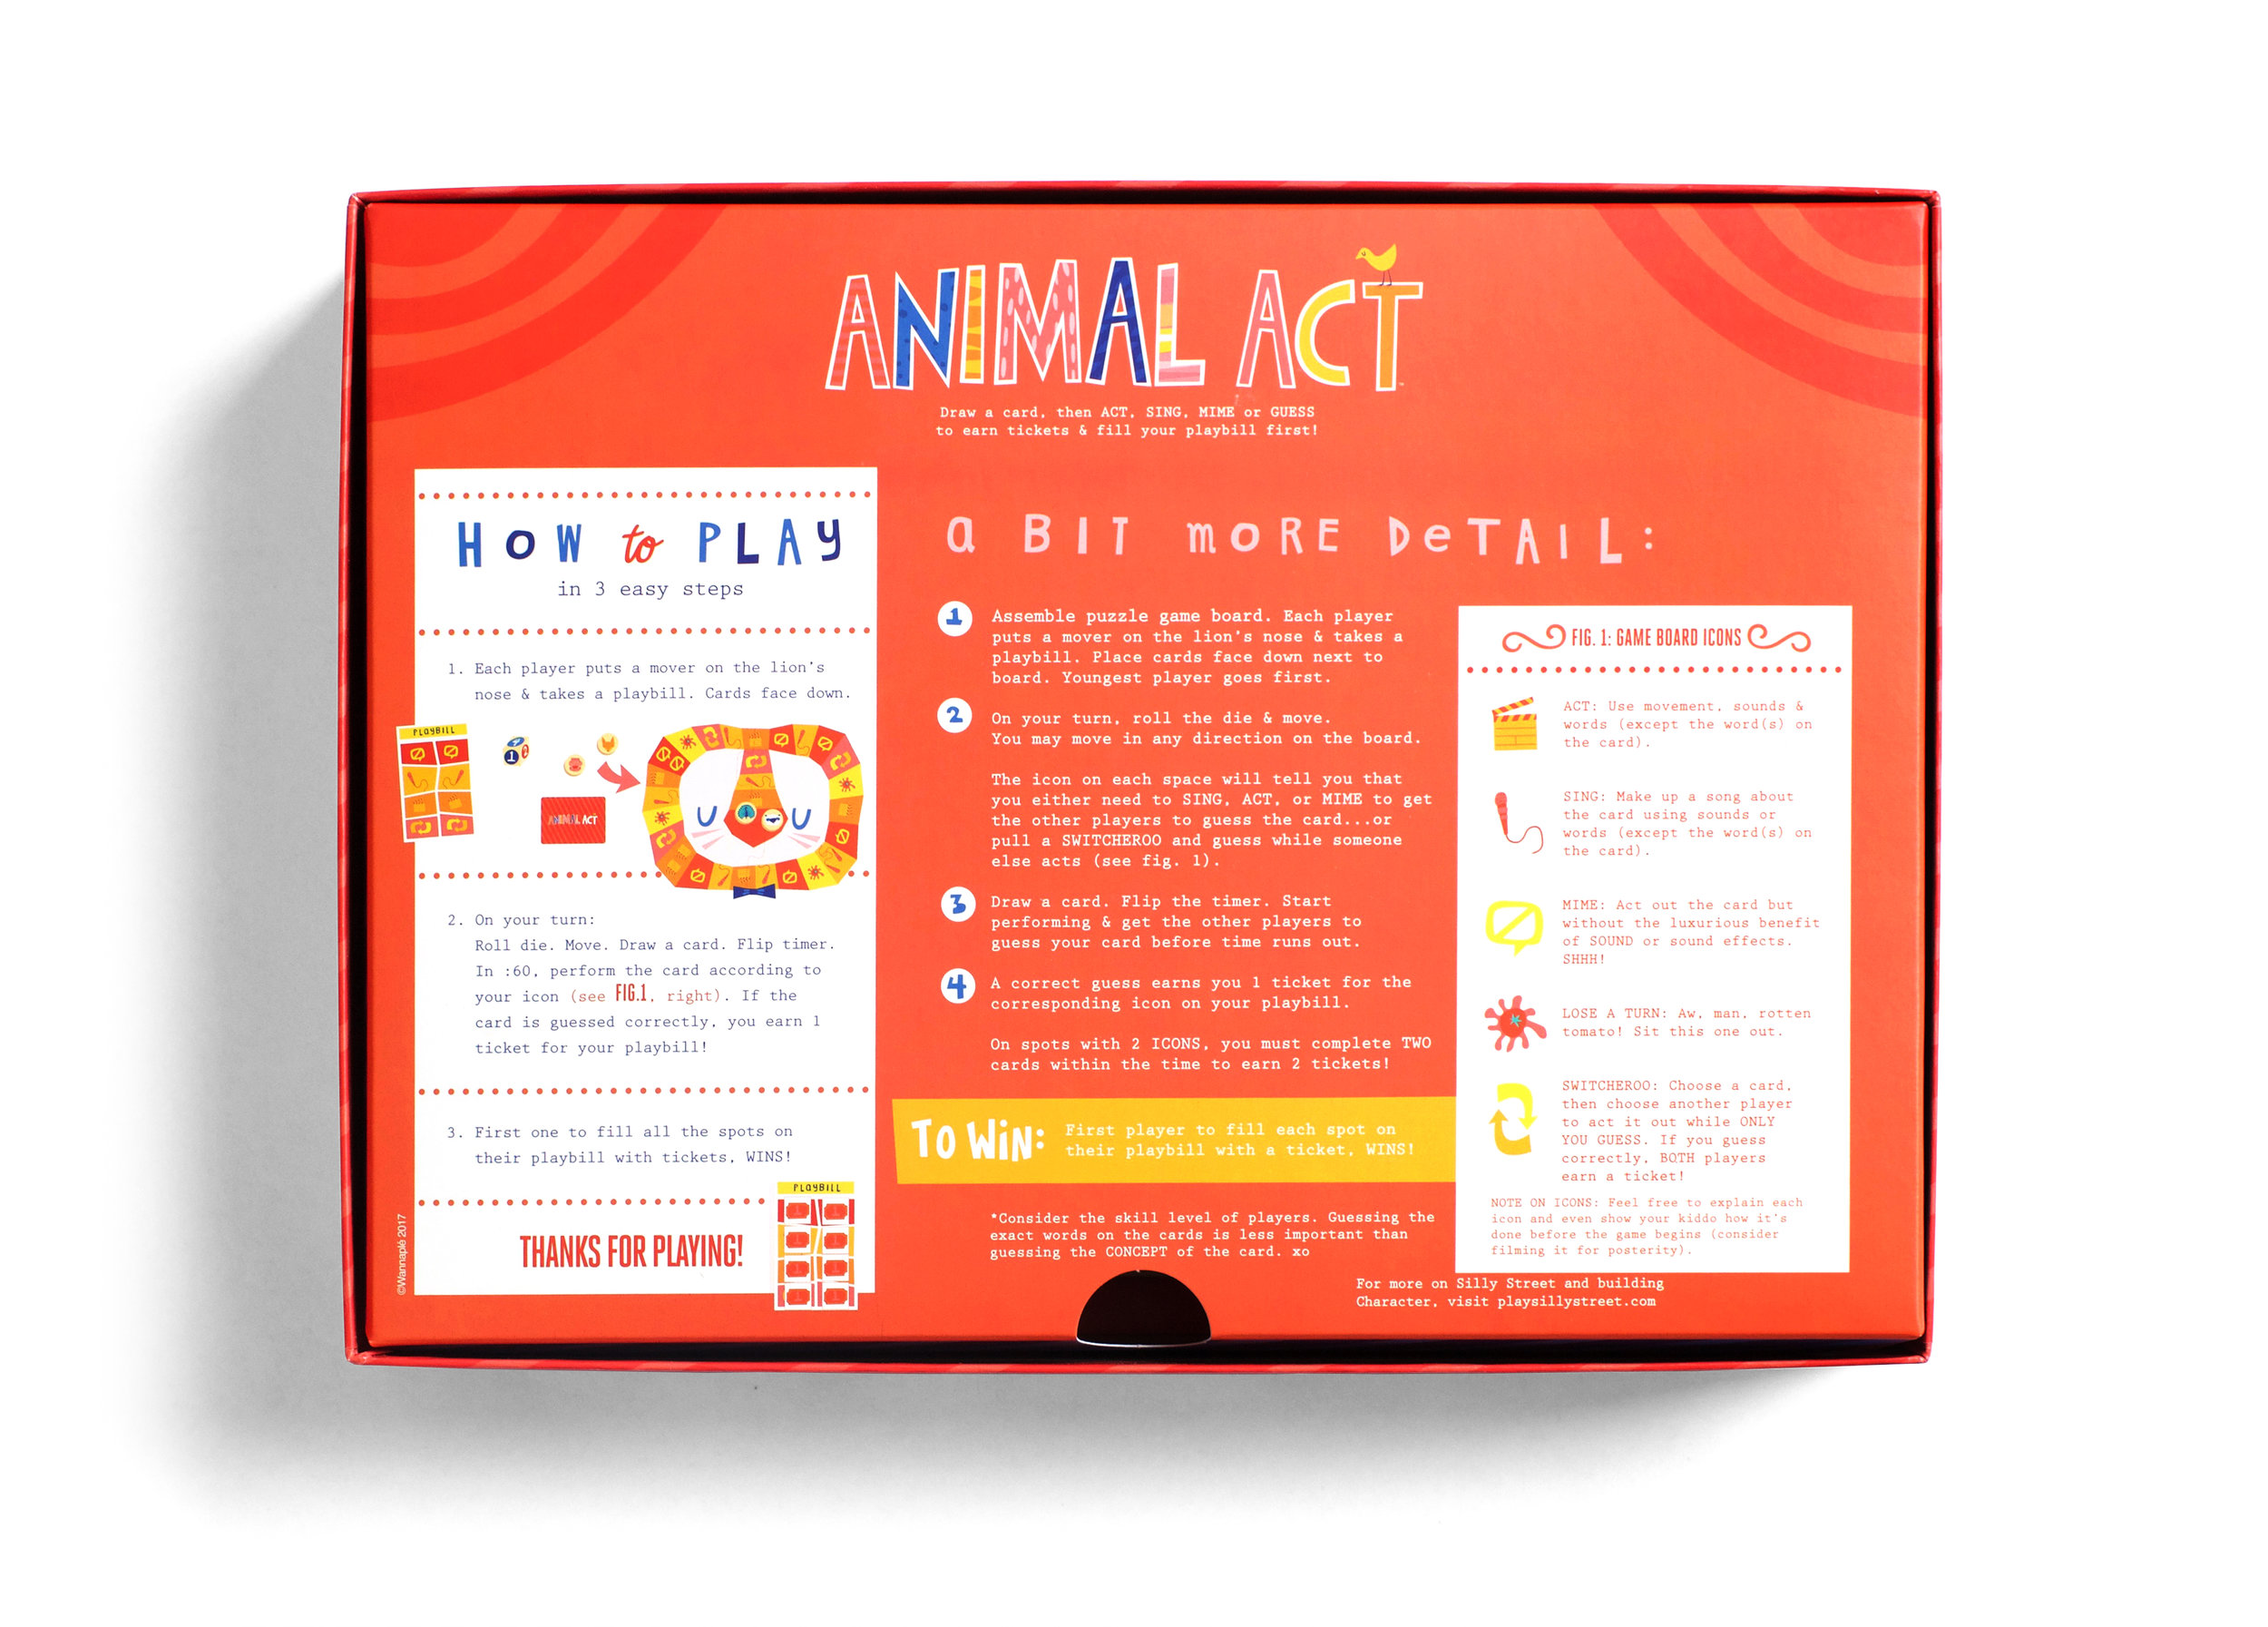 SS_ANIMALACT_INSTRUCTIONS_v1.jpg